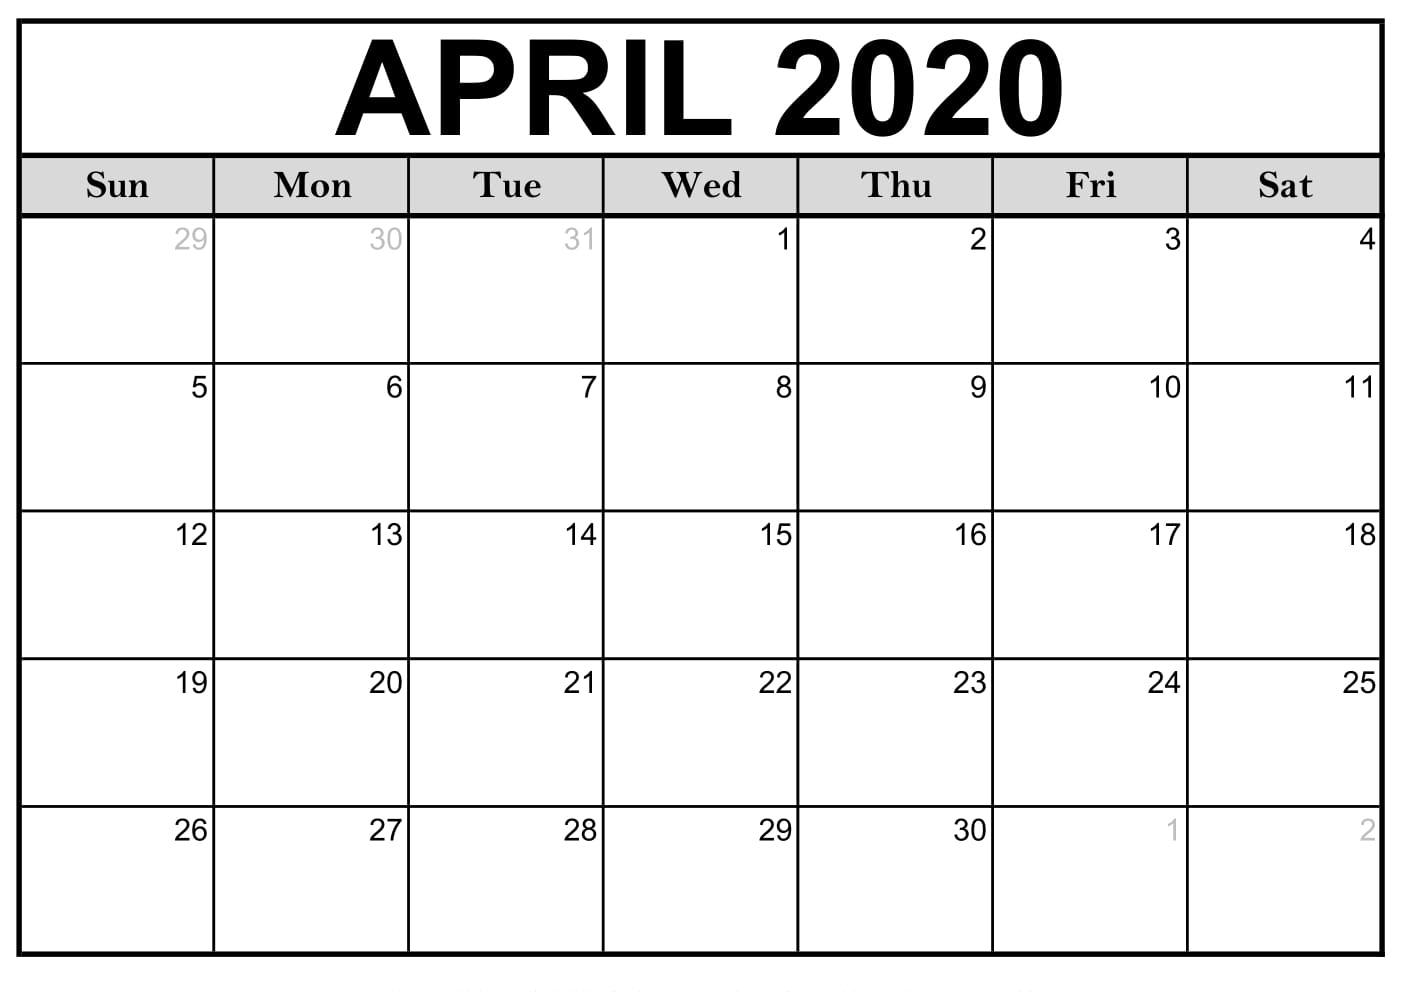 April 2020 Calendar Printable Office Planner Download | 12